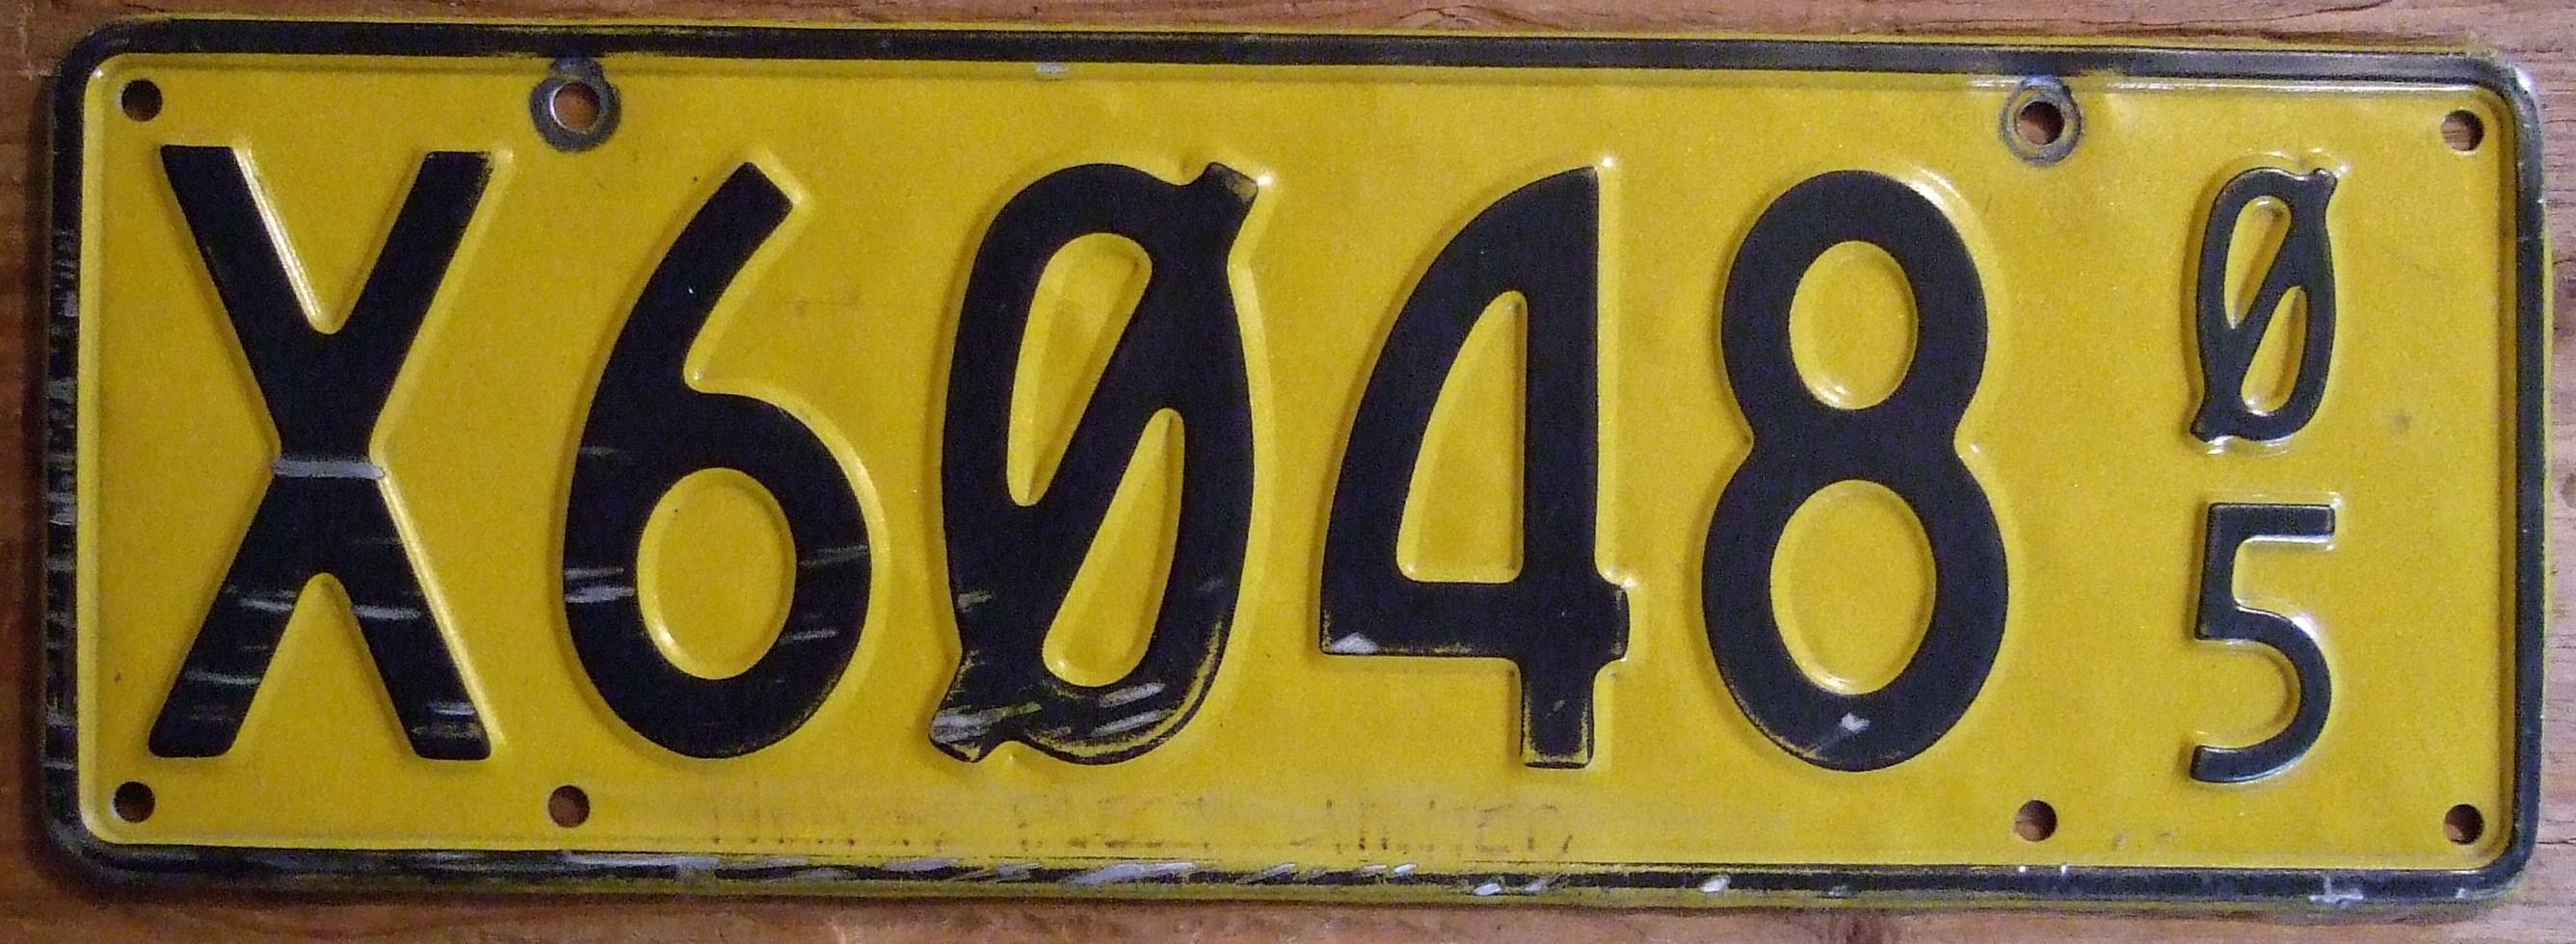 Nebraska Car Dealer License